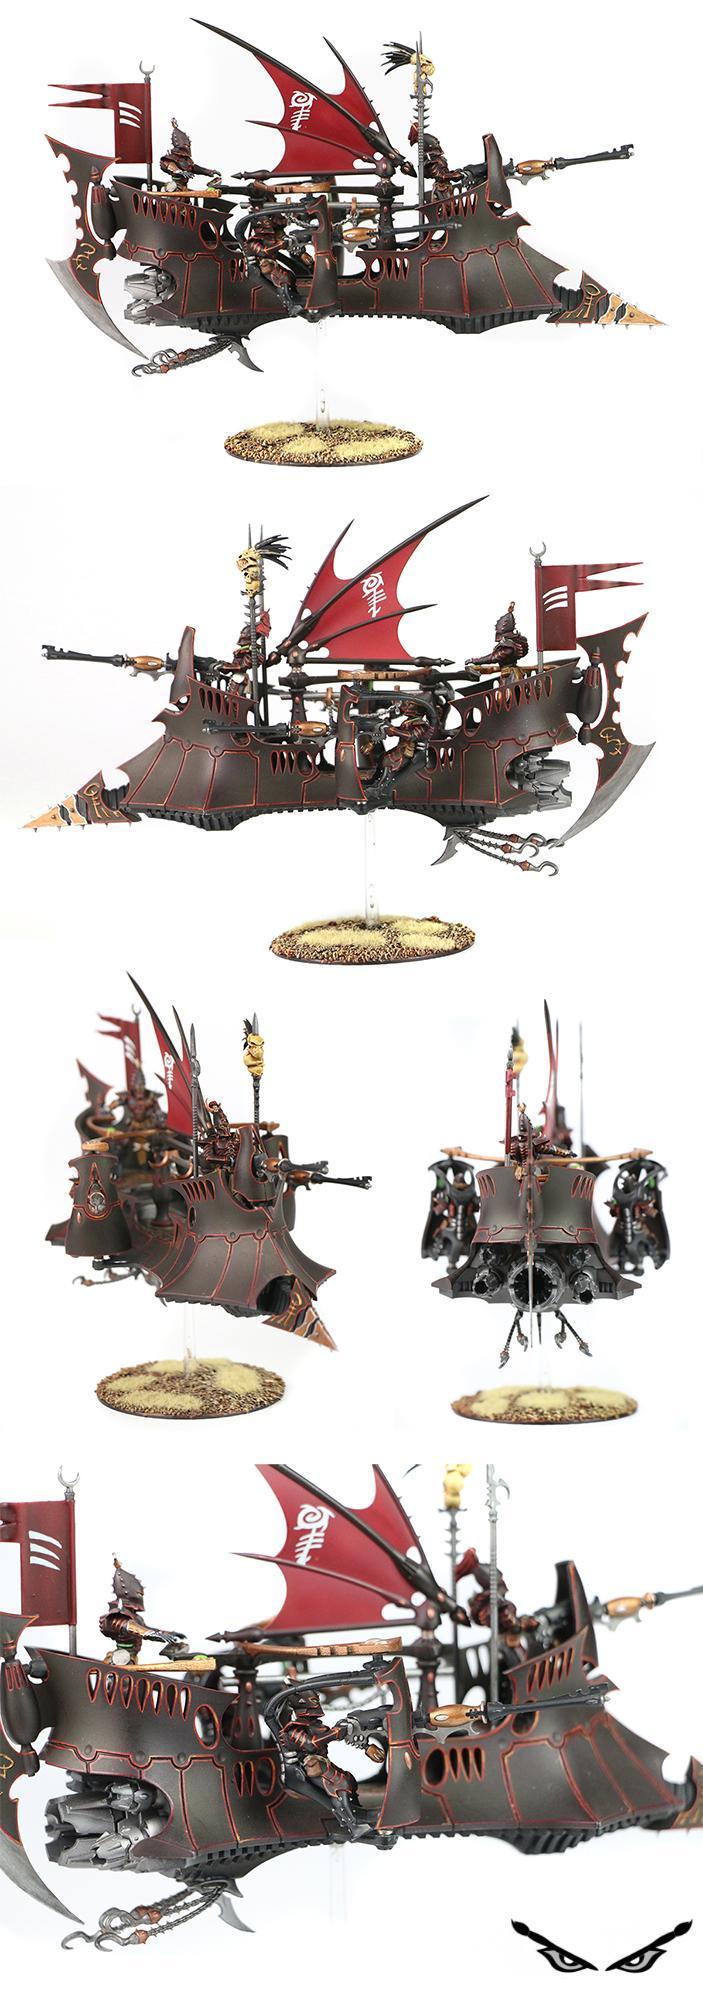 Dark Eldar, Drukhari, Ravager, Warhammer 40,000